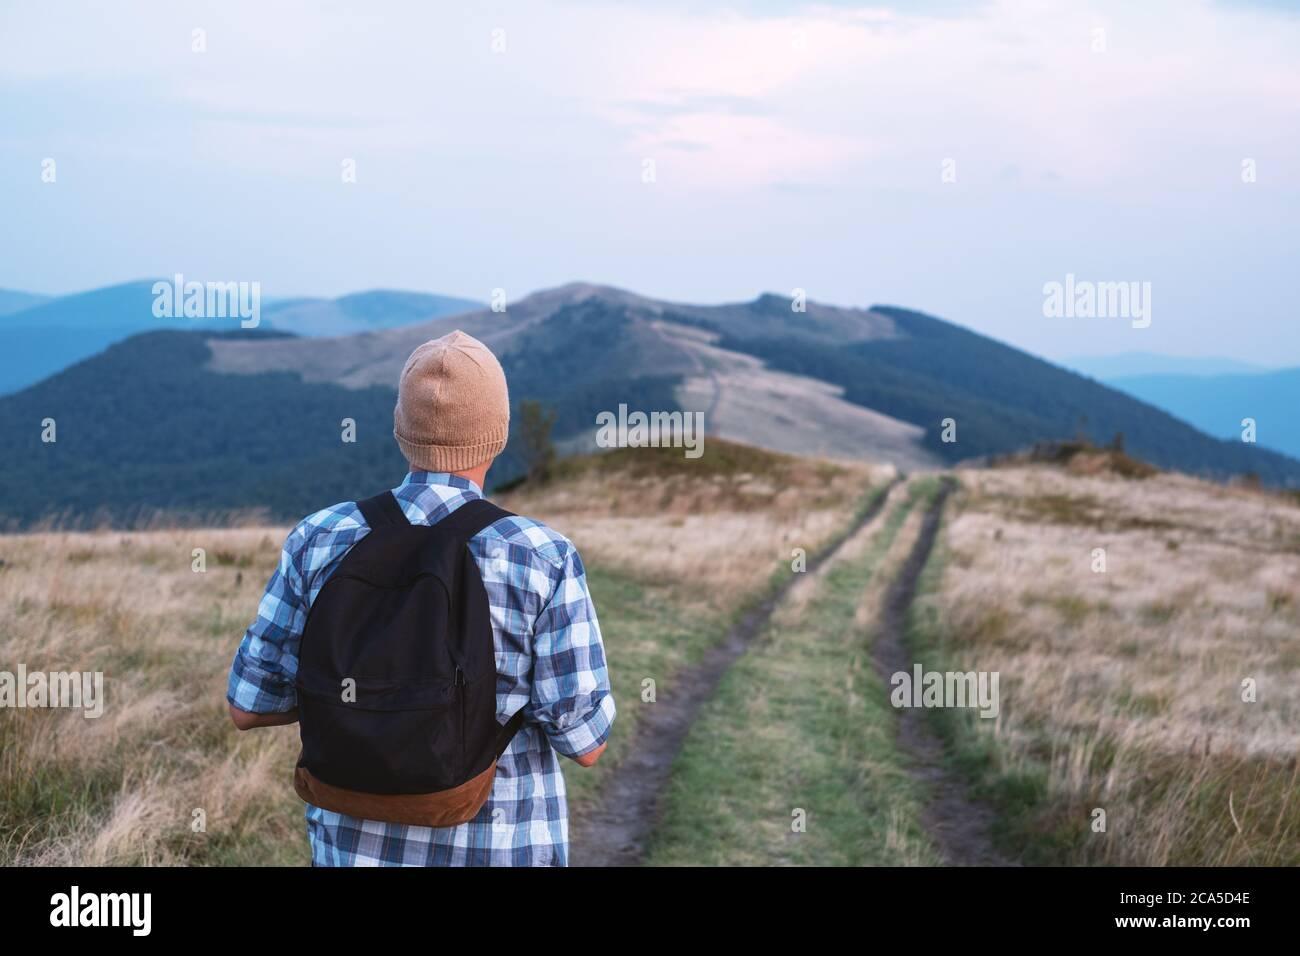 Hombre con mochila en montañas road. Concepto de viaje. Fotografía paisajística Foto de stock